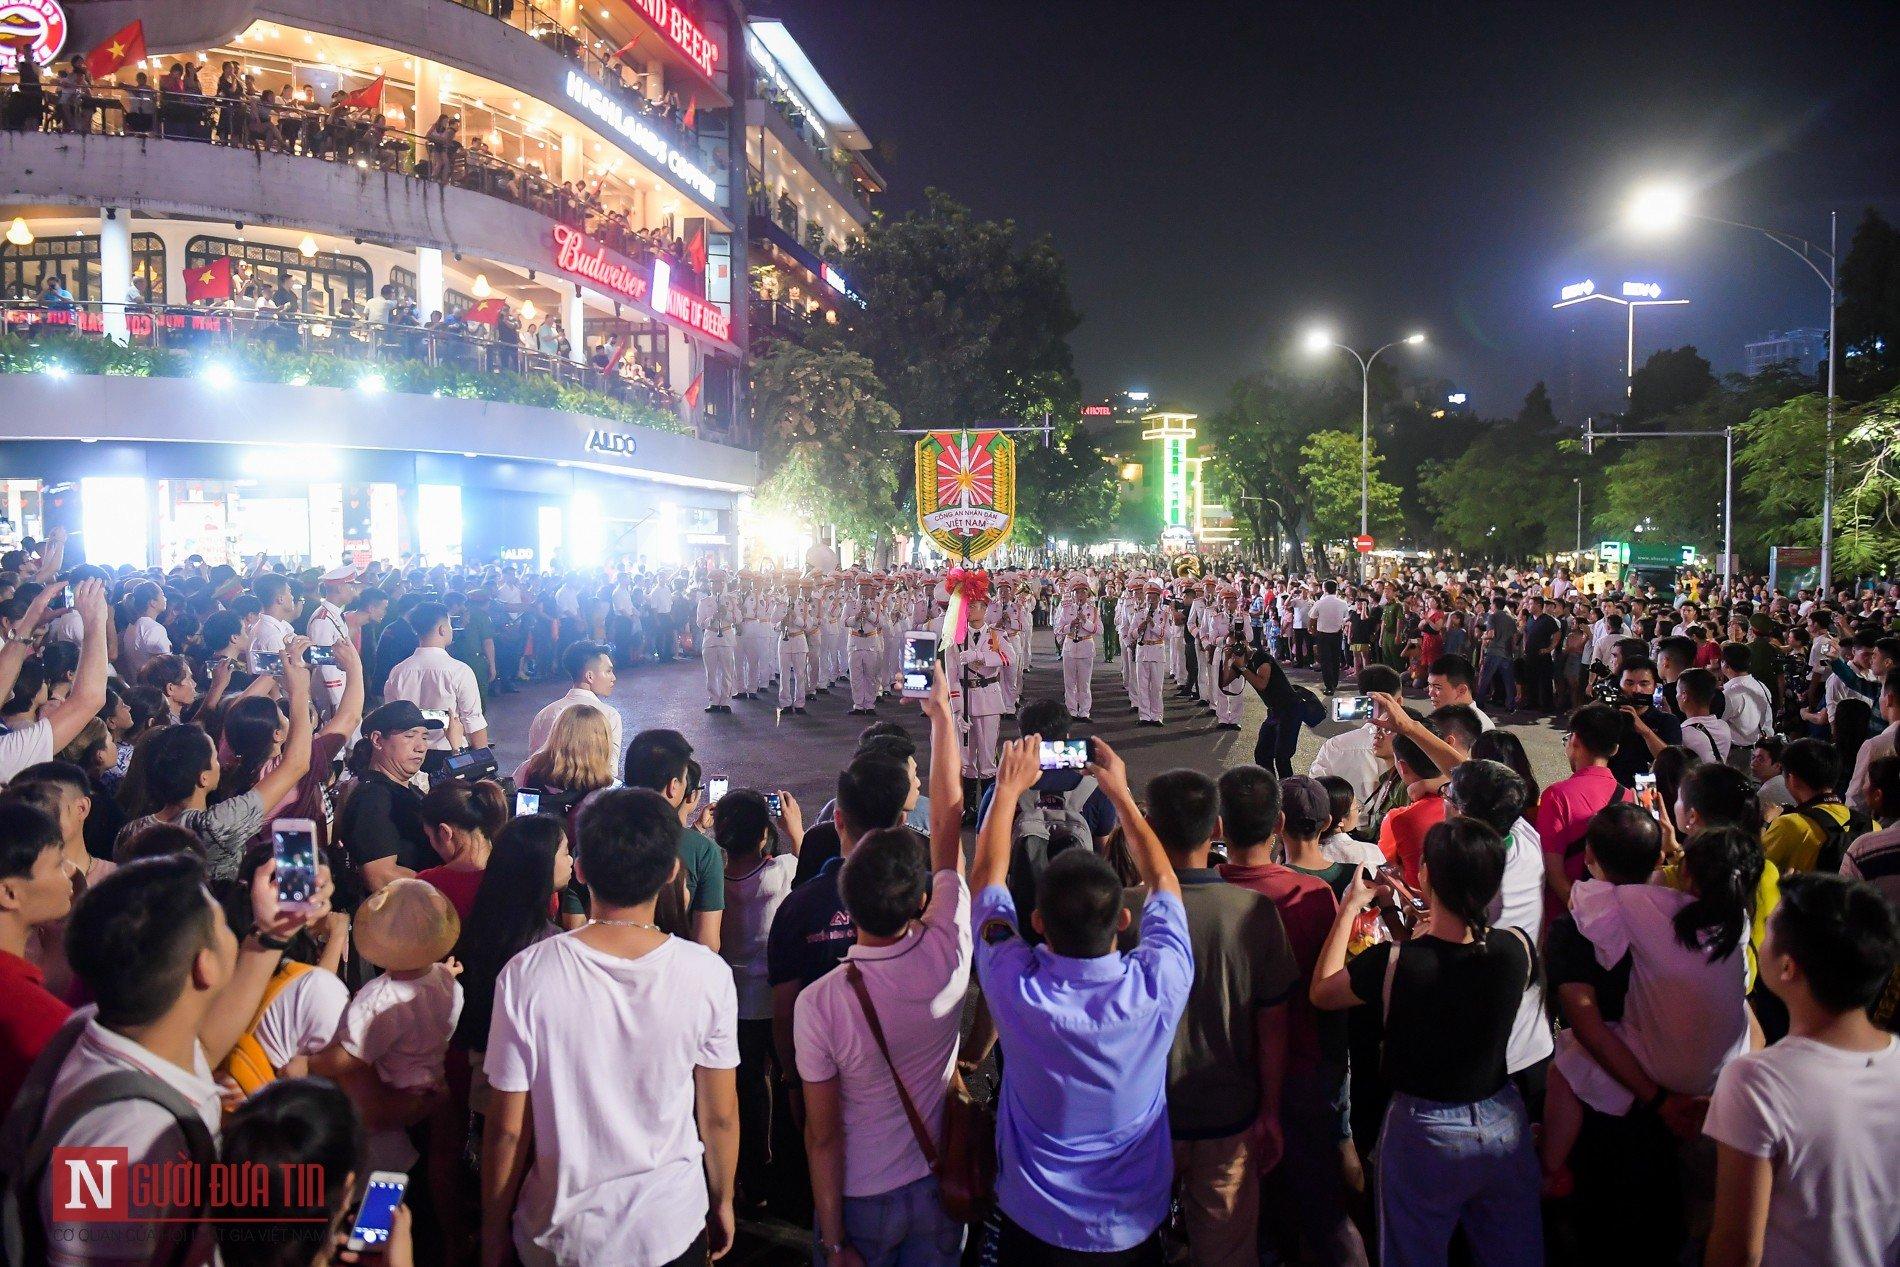 Đoàn nghi lễ Công an Nhân dân lần đầu tiên diểu diễn tại phố đi bộ hồ Hoàn Kiếm 14